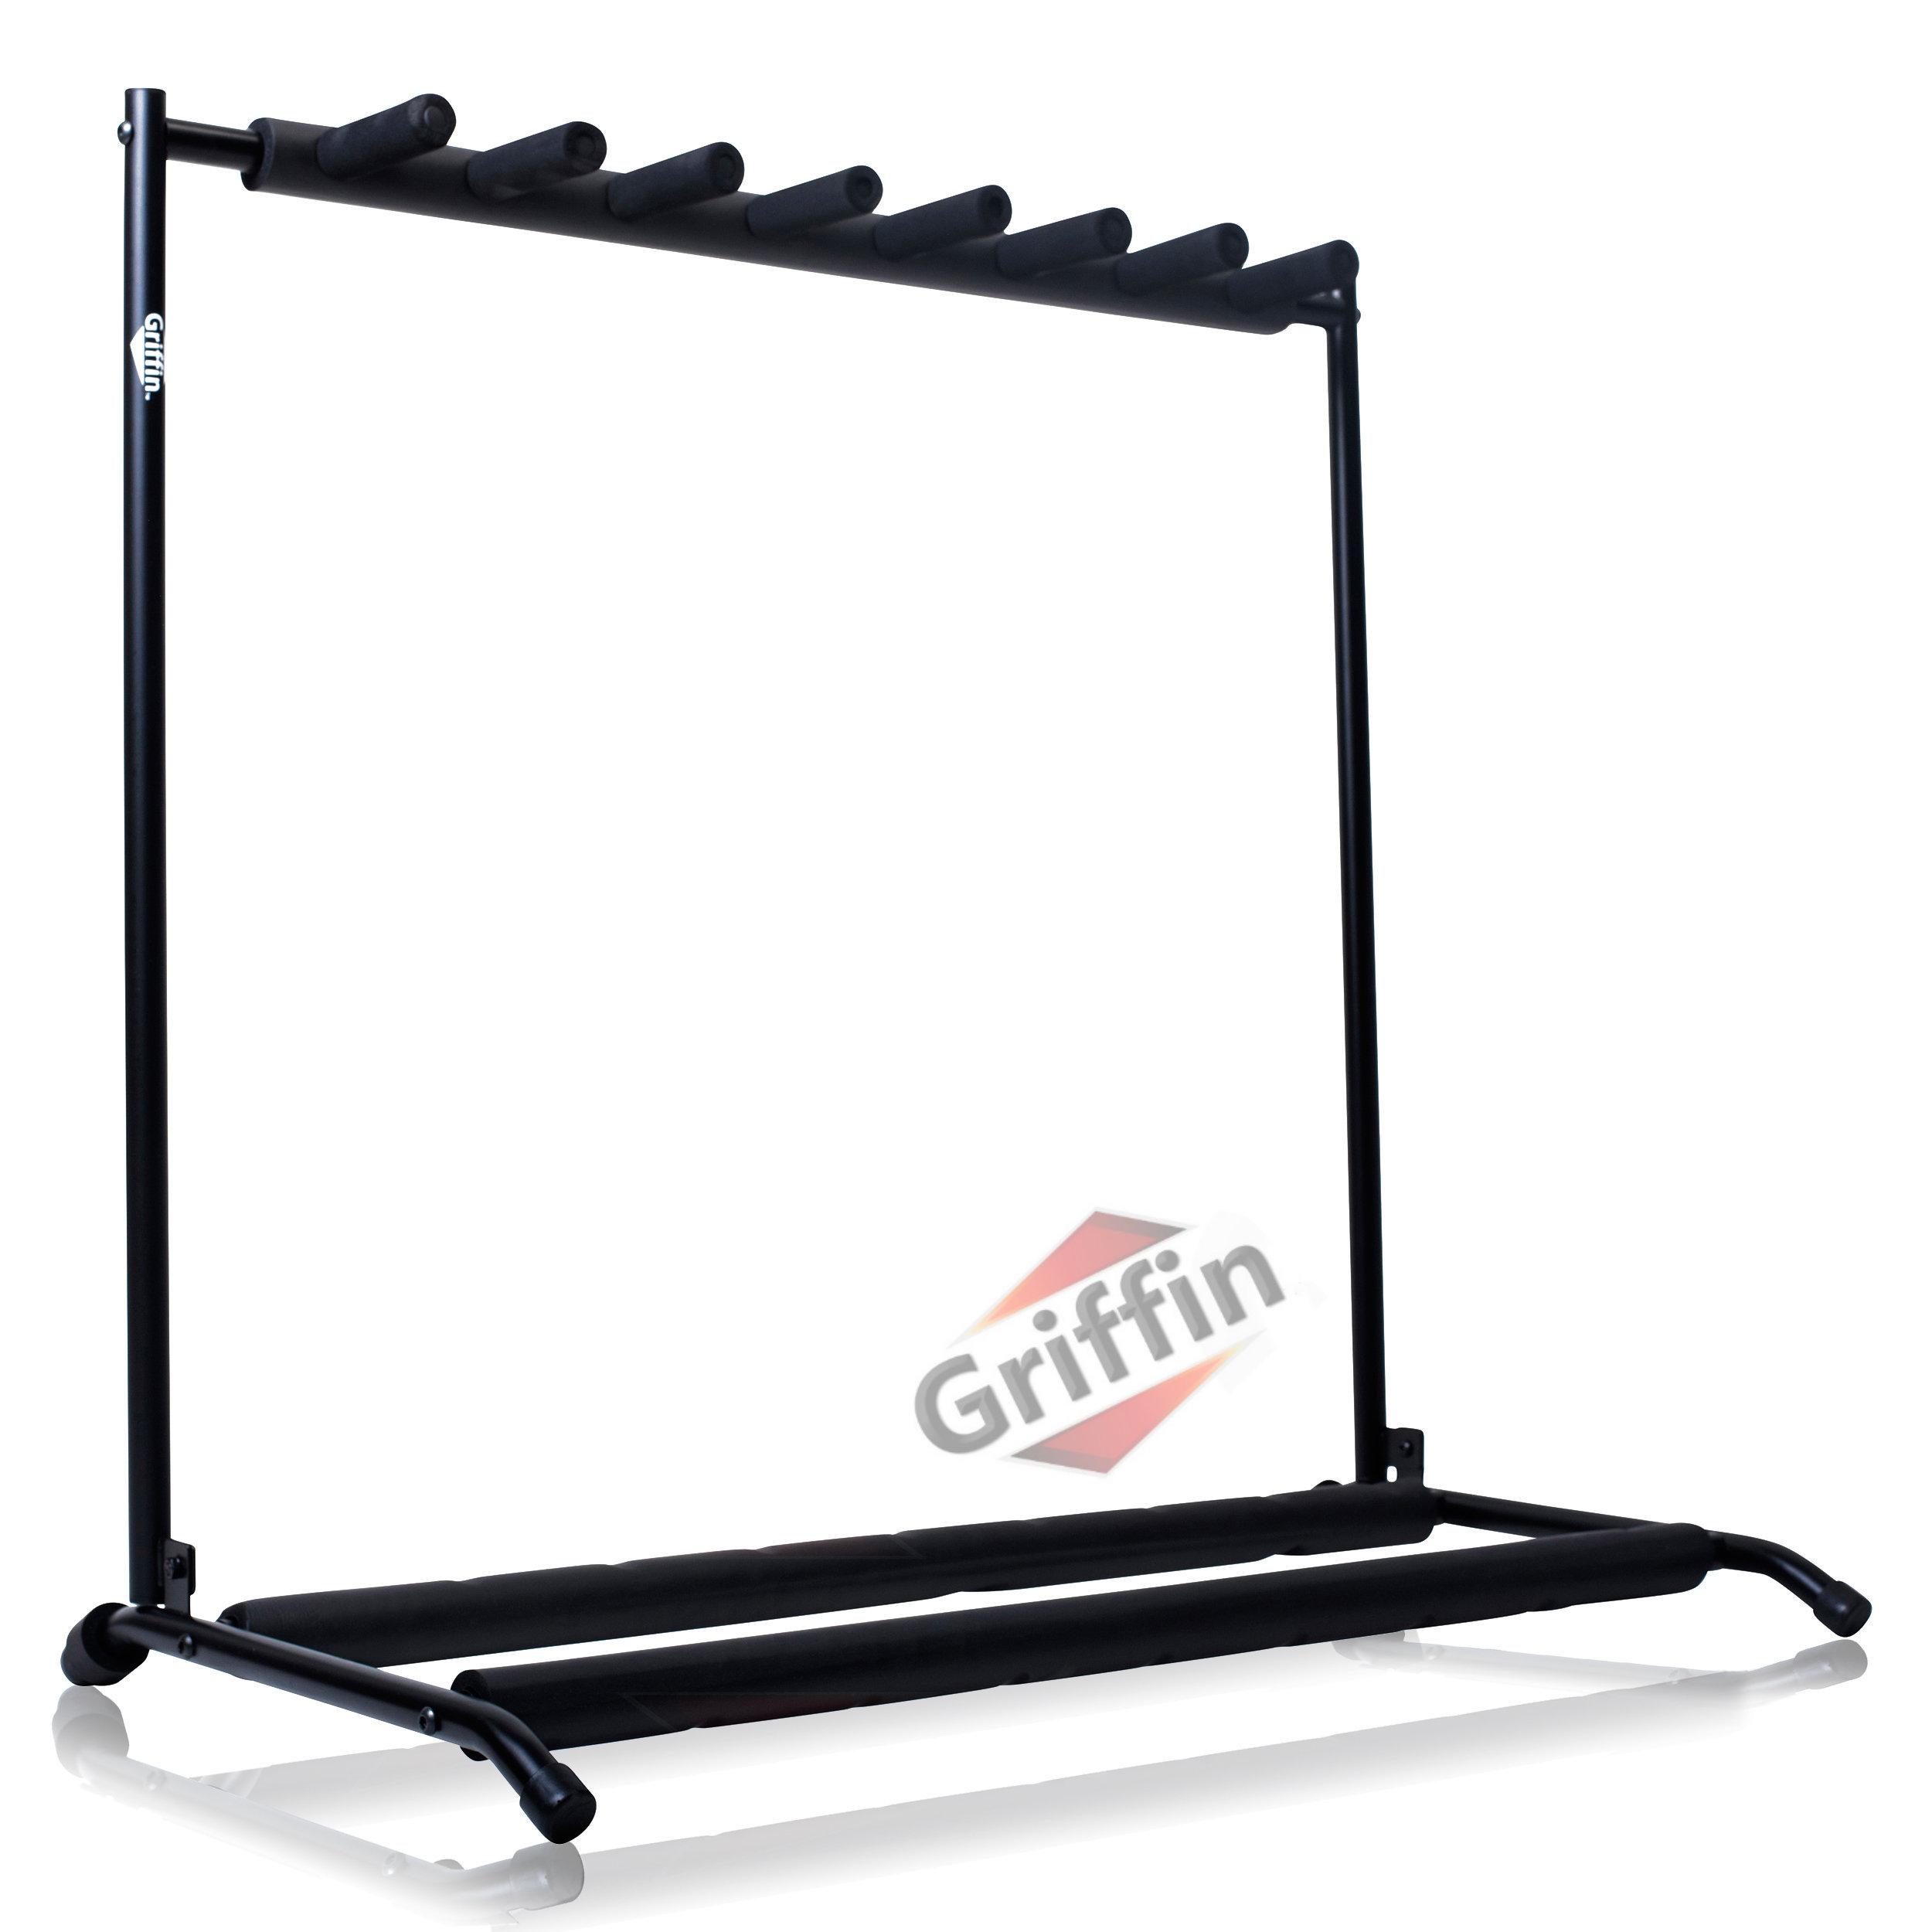 7 guitar rack stand griffin seven multiple stage storage bass holder mount dj ebay. Black Bedroom Furniture Sets. Home Design Ideas